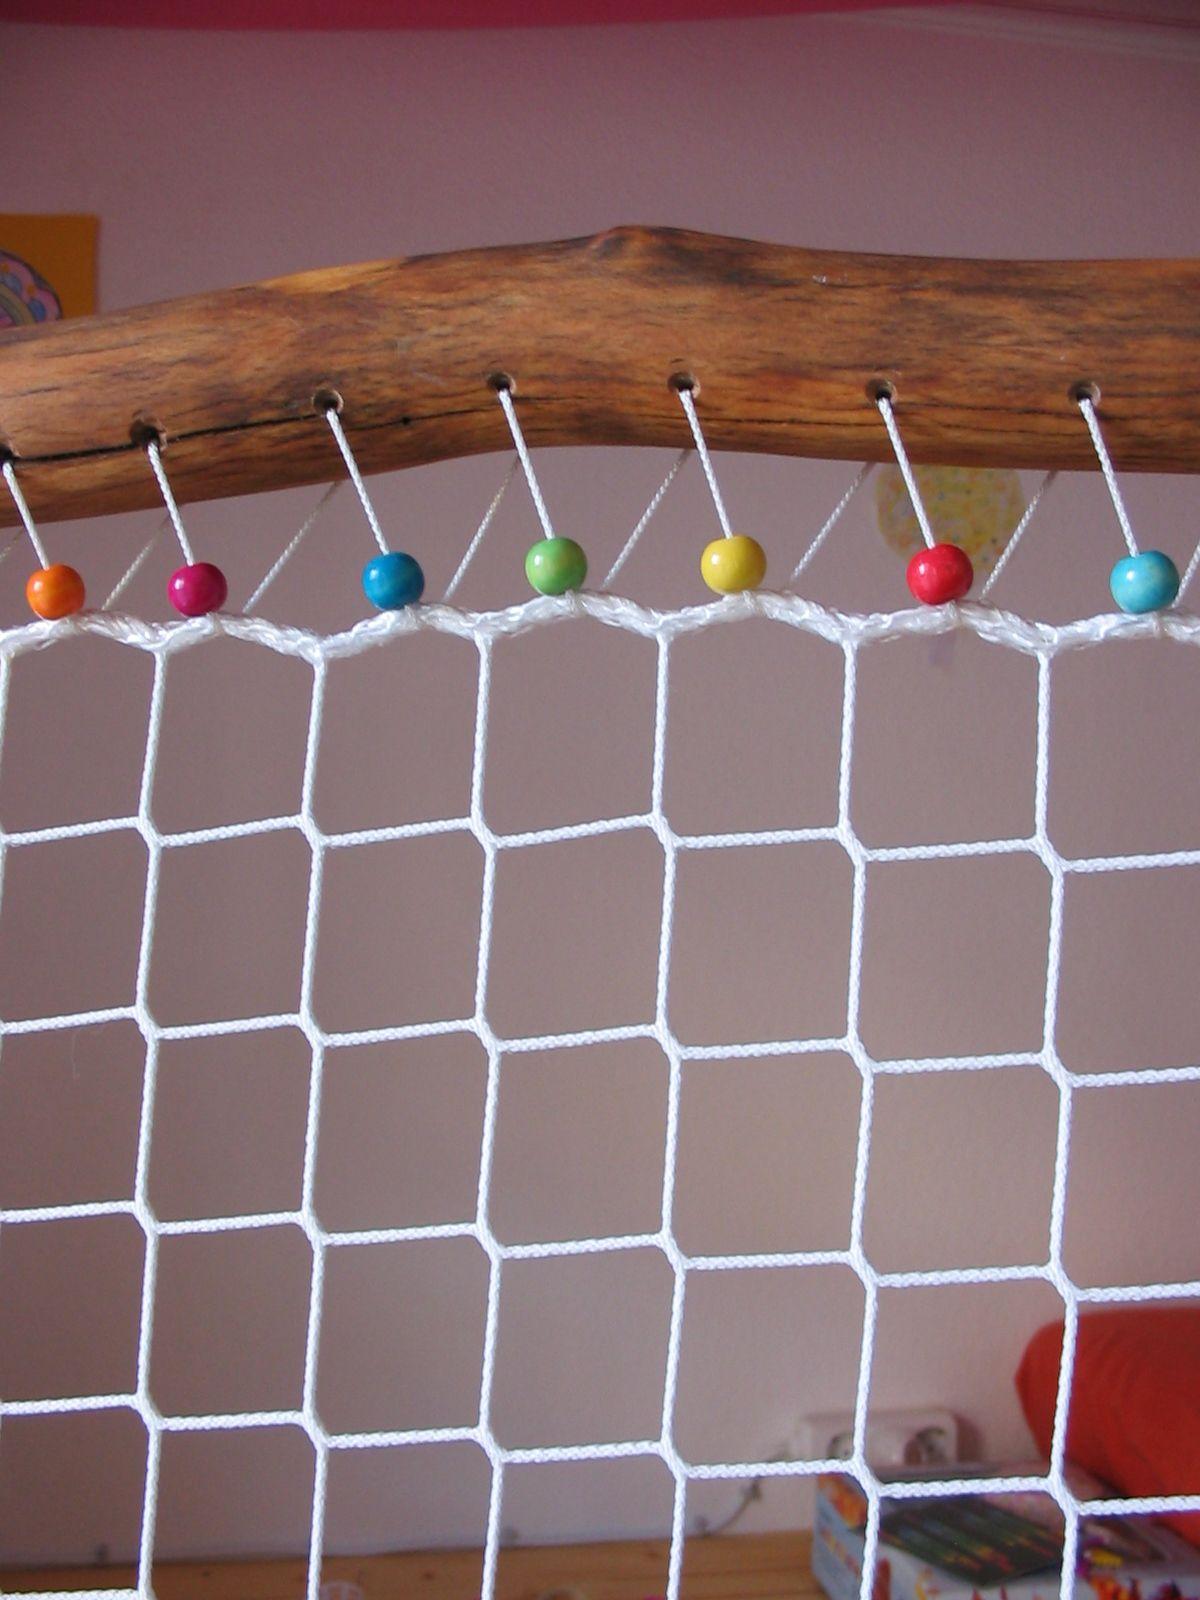 selbstgemachtes geländer einer 2. ebene | kinderzimmer | pinterest - Hochbett Im Kinderzimmer Pro Und Contra Das Platzsparende Mobelstuck